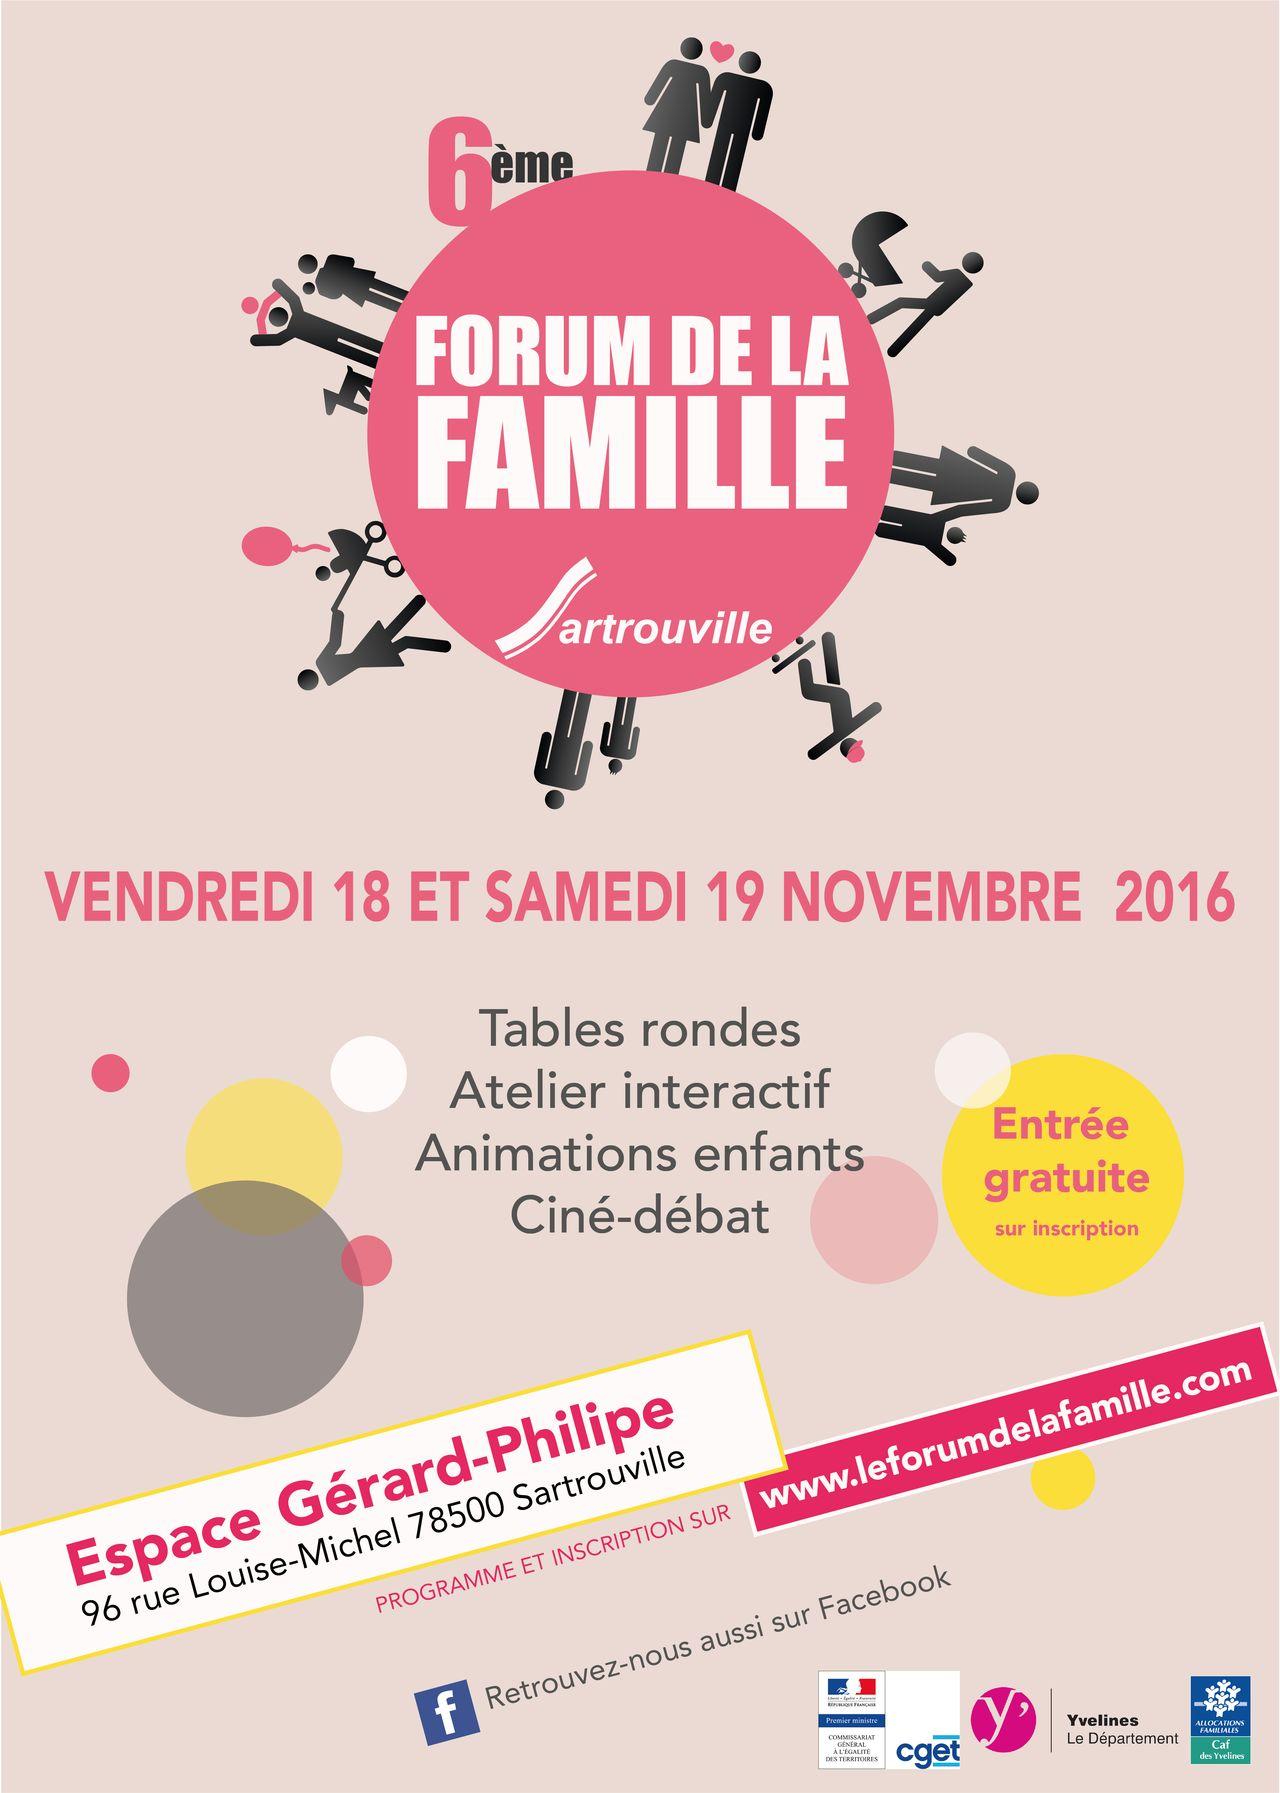 Charte graphique Forum de la famille. Sartrouville